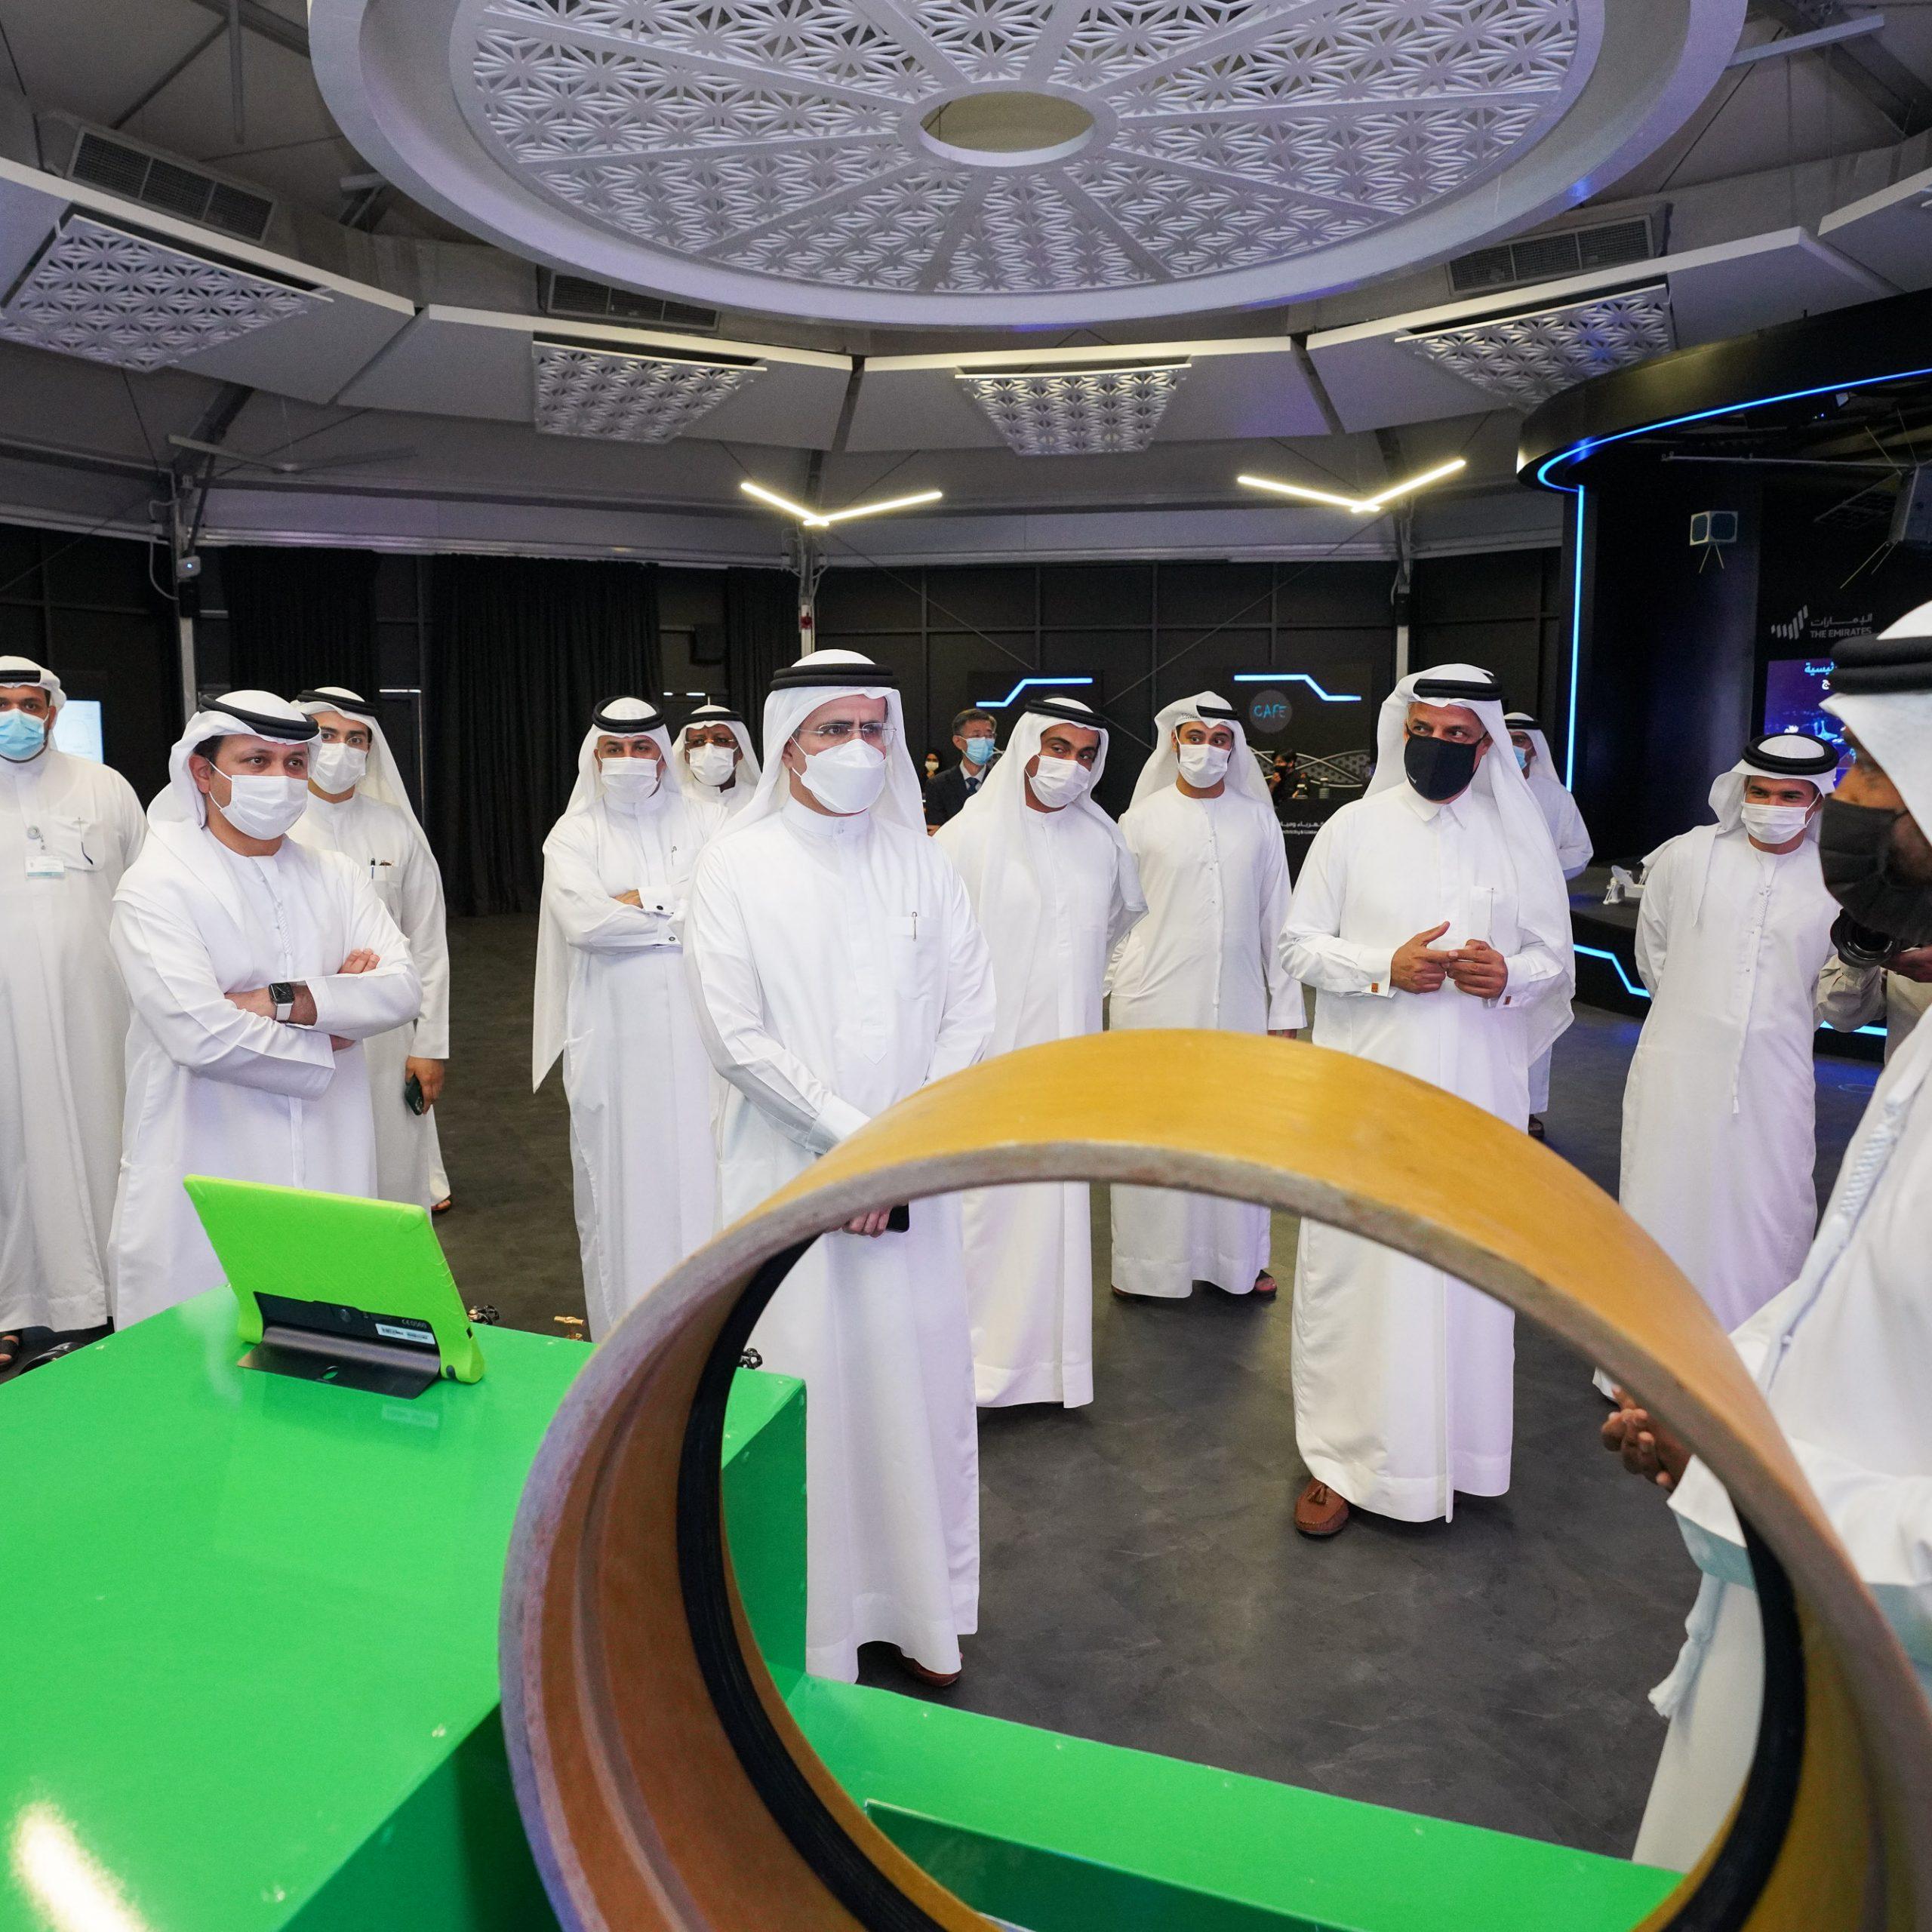 """معالي سعيد محمد الطاير يفتتح أسبوع هيئة كهرباء ومياه دبي للابتكار في إطار فعاليات """"الإمارات تبتكر 2021"""""""